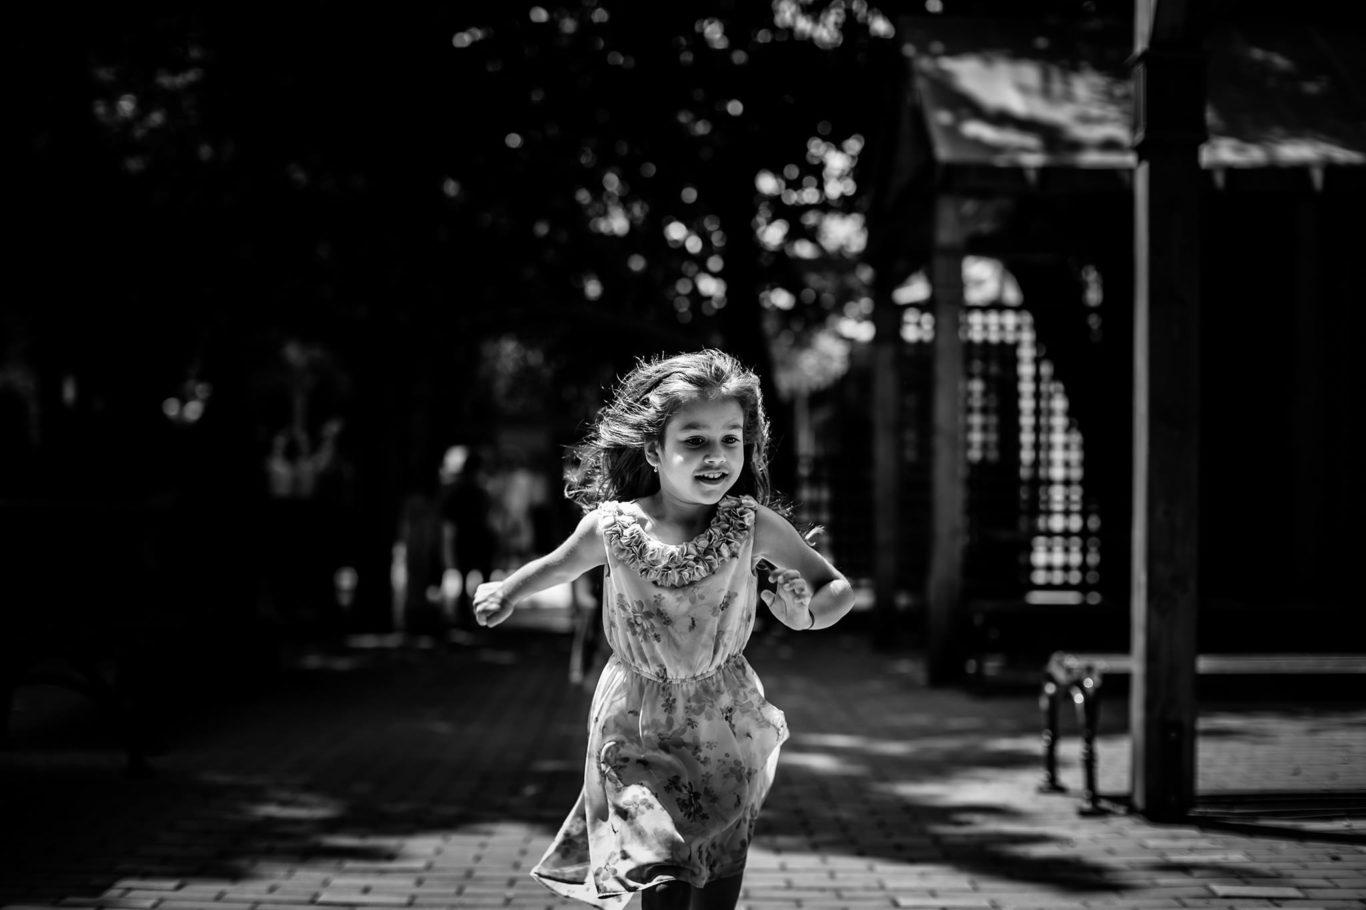 0104-Fotografie-logodna-Infinitea-Anca-George-fotograf-Ciprian-Dumitrescu-CDF_0578